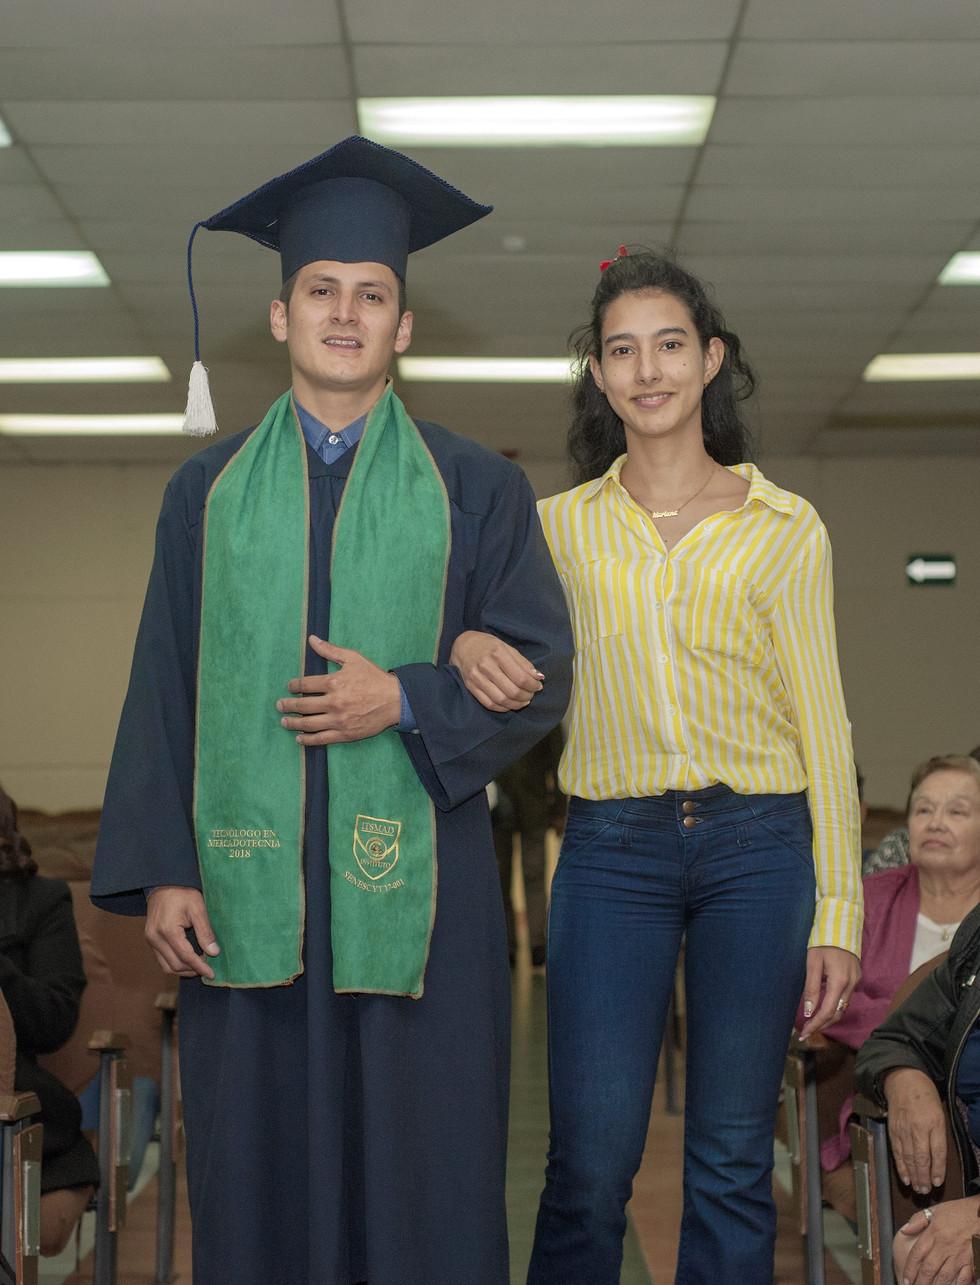 graduados_peter_drucker2